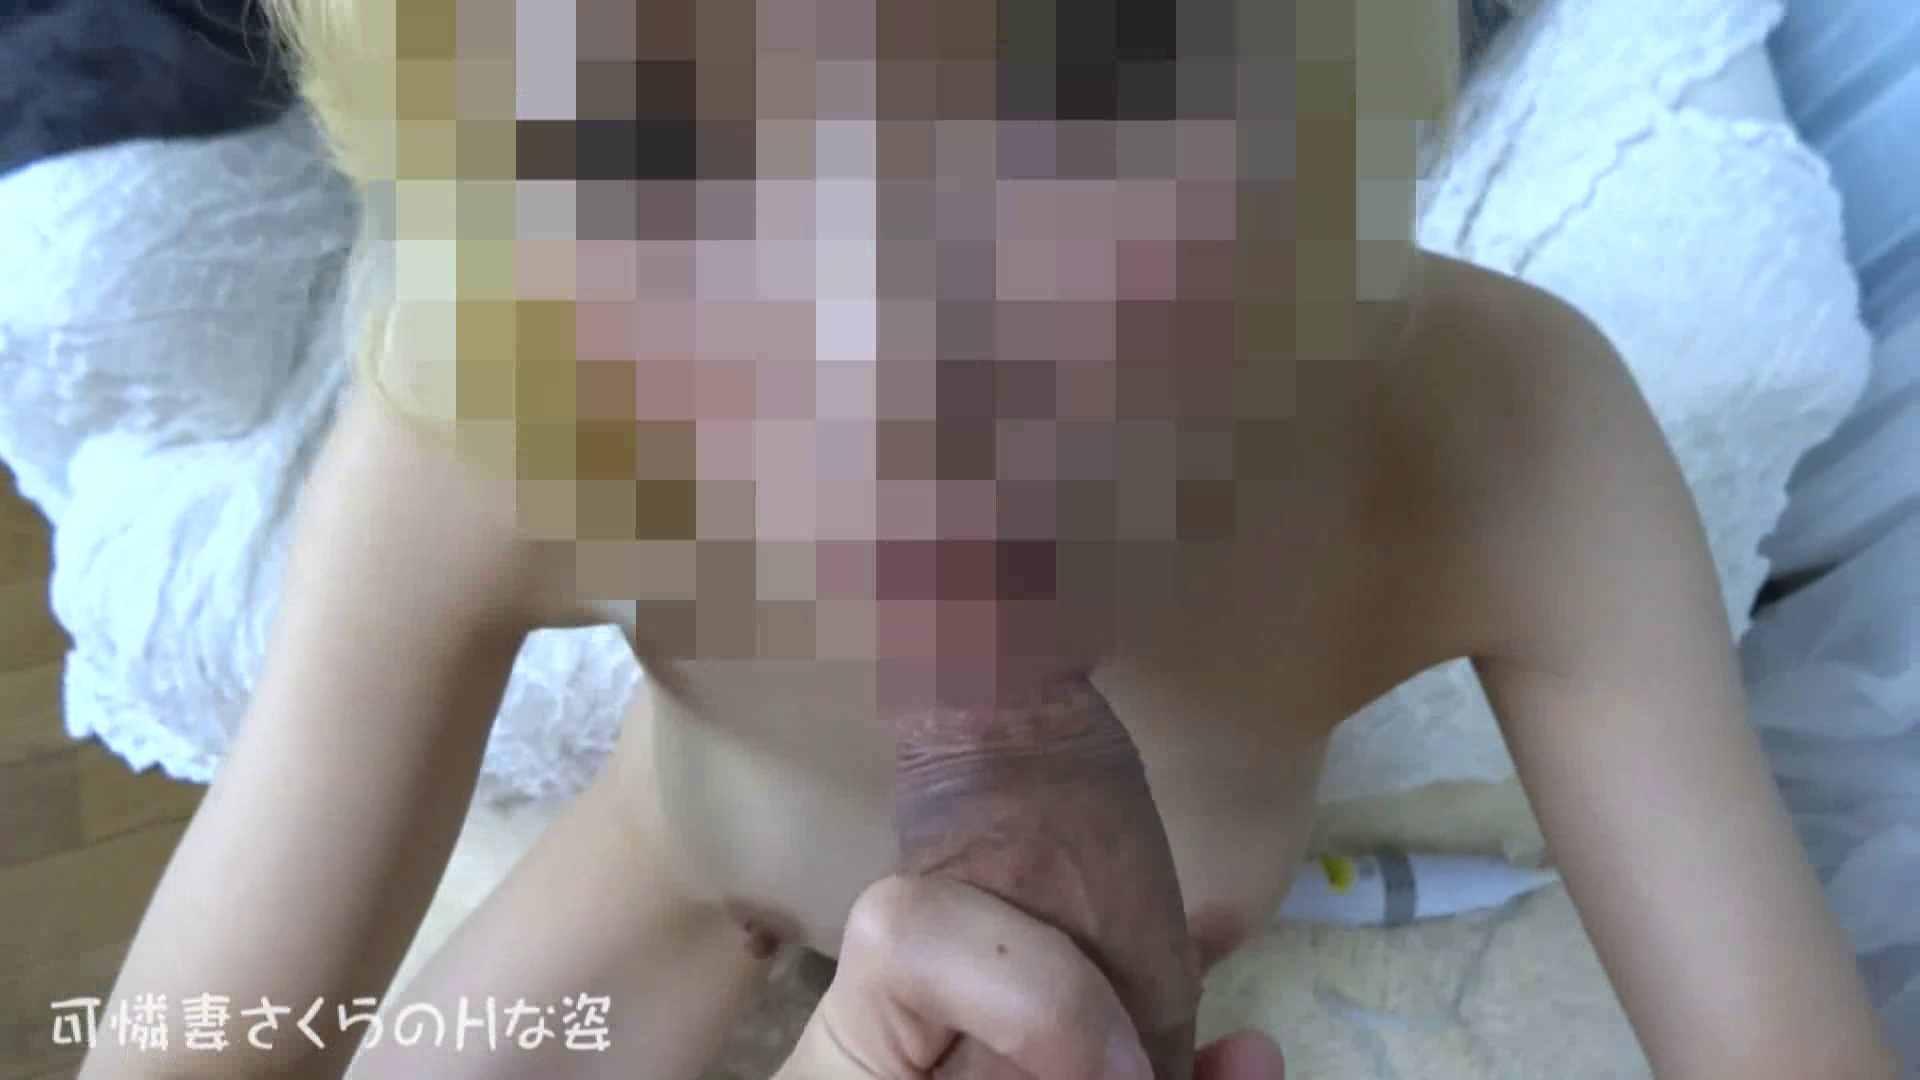 可憐妻さくらのHな姿vol.29 セックス セックス画像 106pic 20